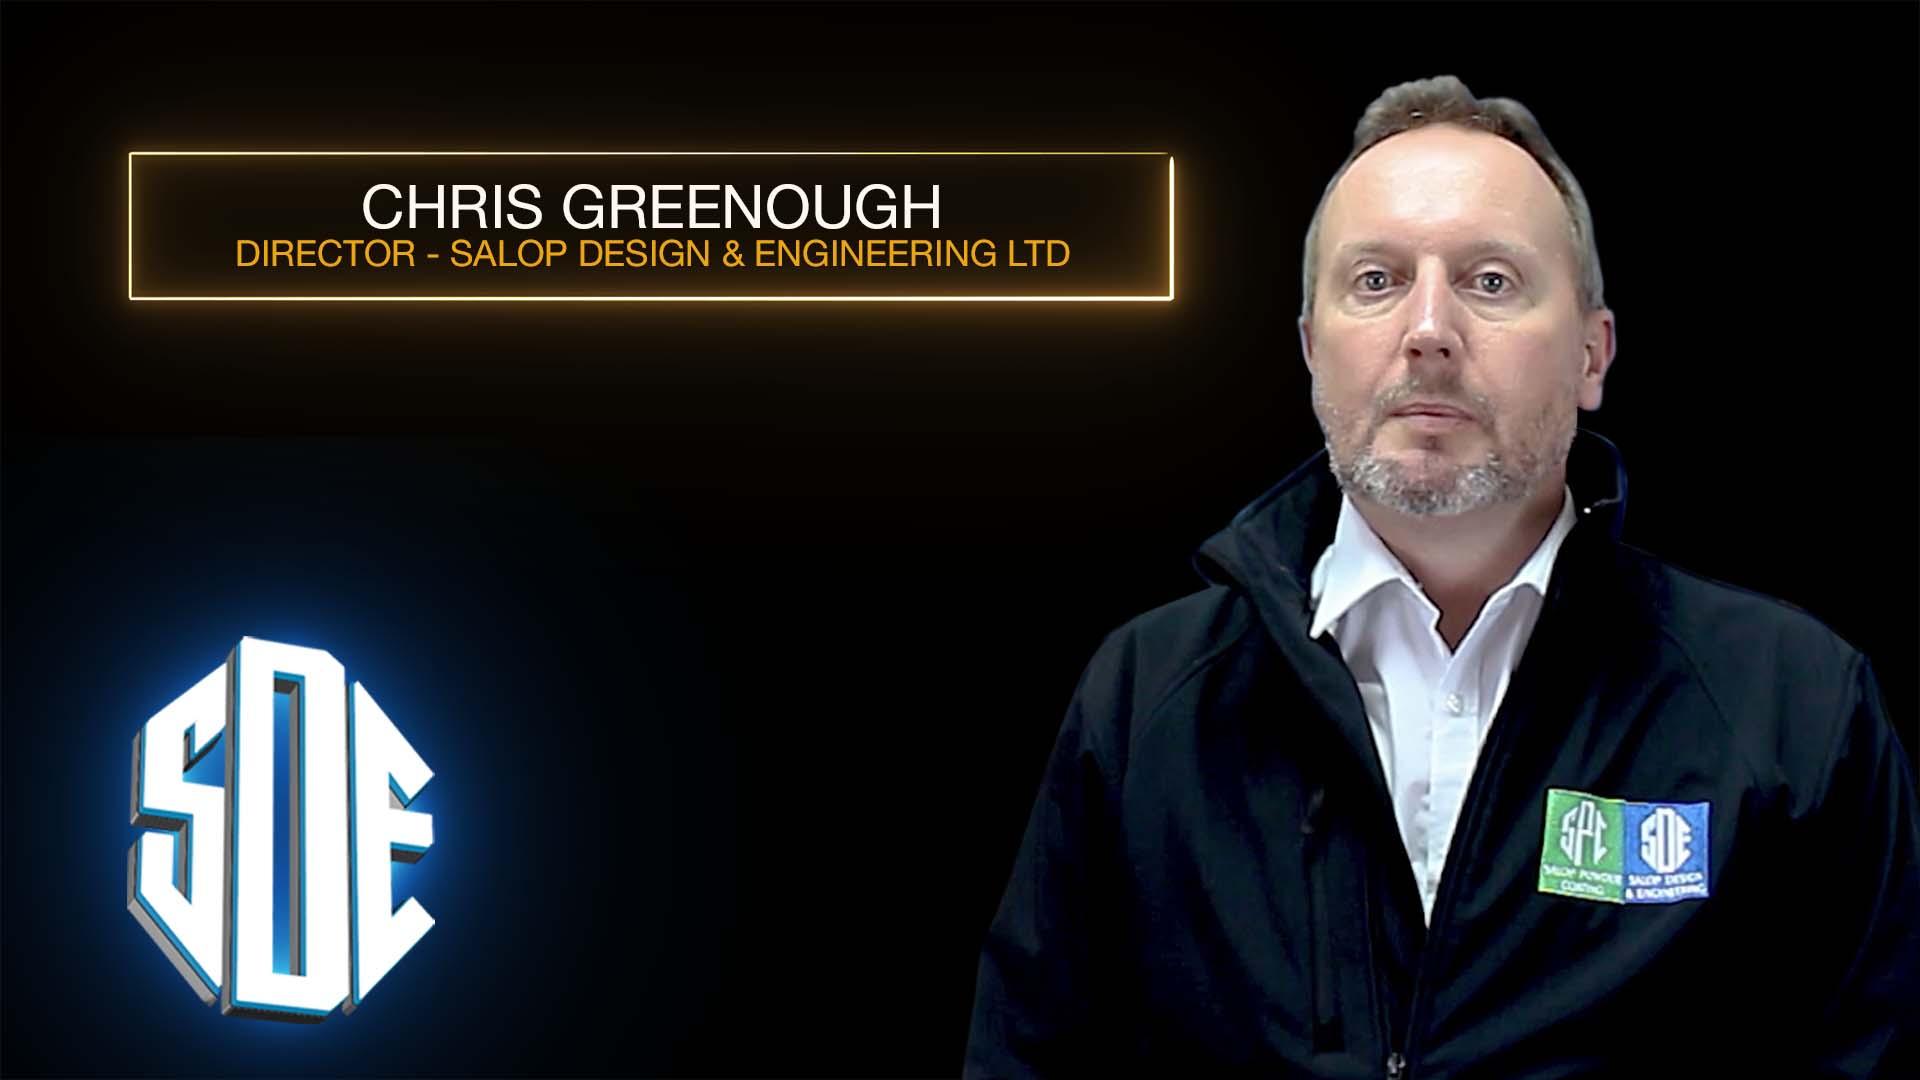 Chris Greenough Testimonial